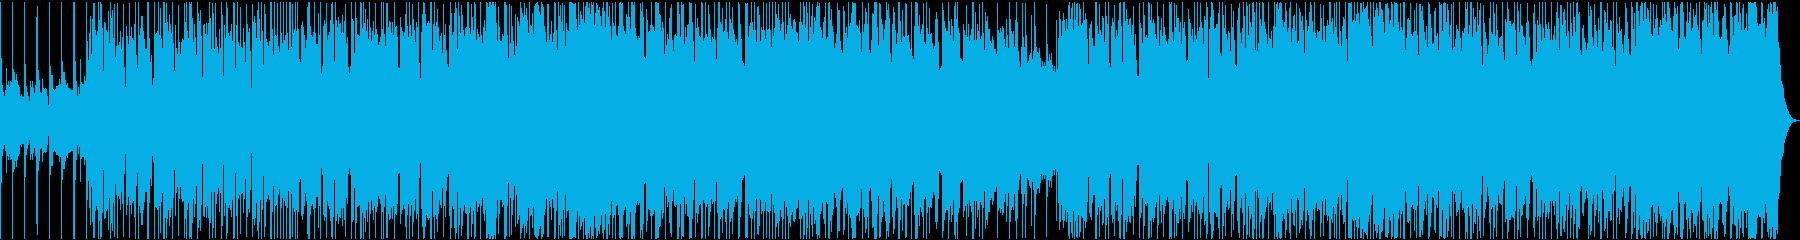 ギターのリフが入った王道のロックサウンドの再生済みの波形